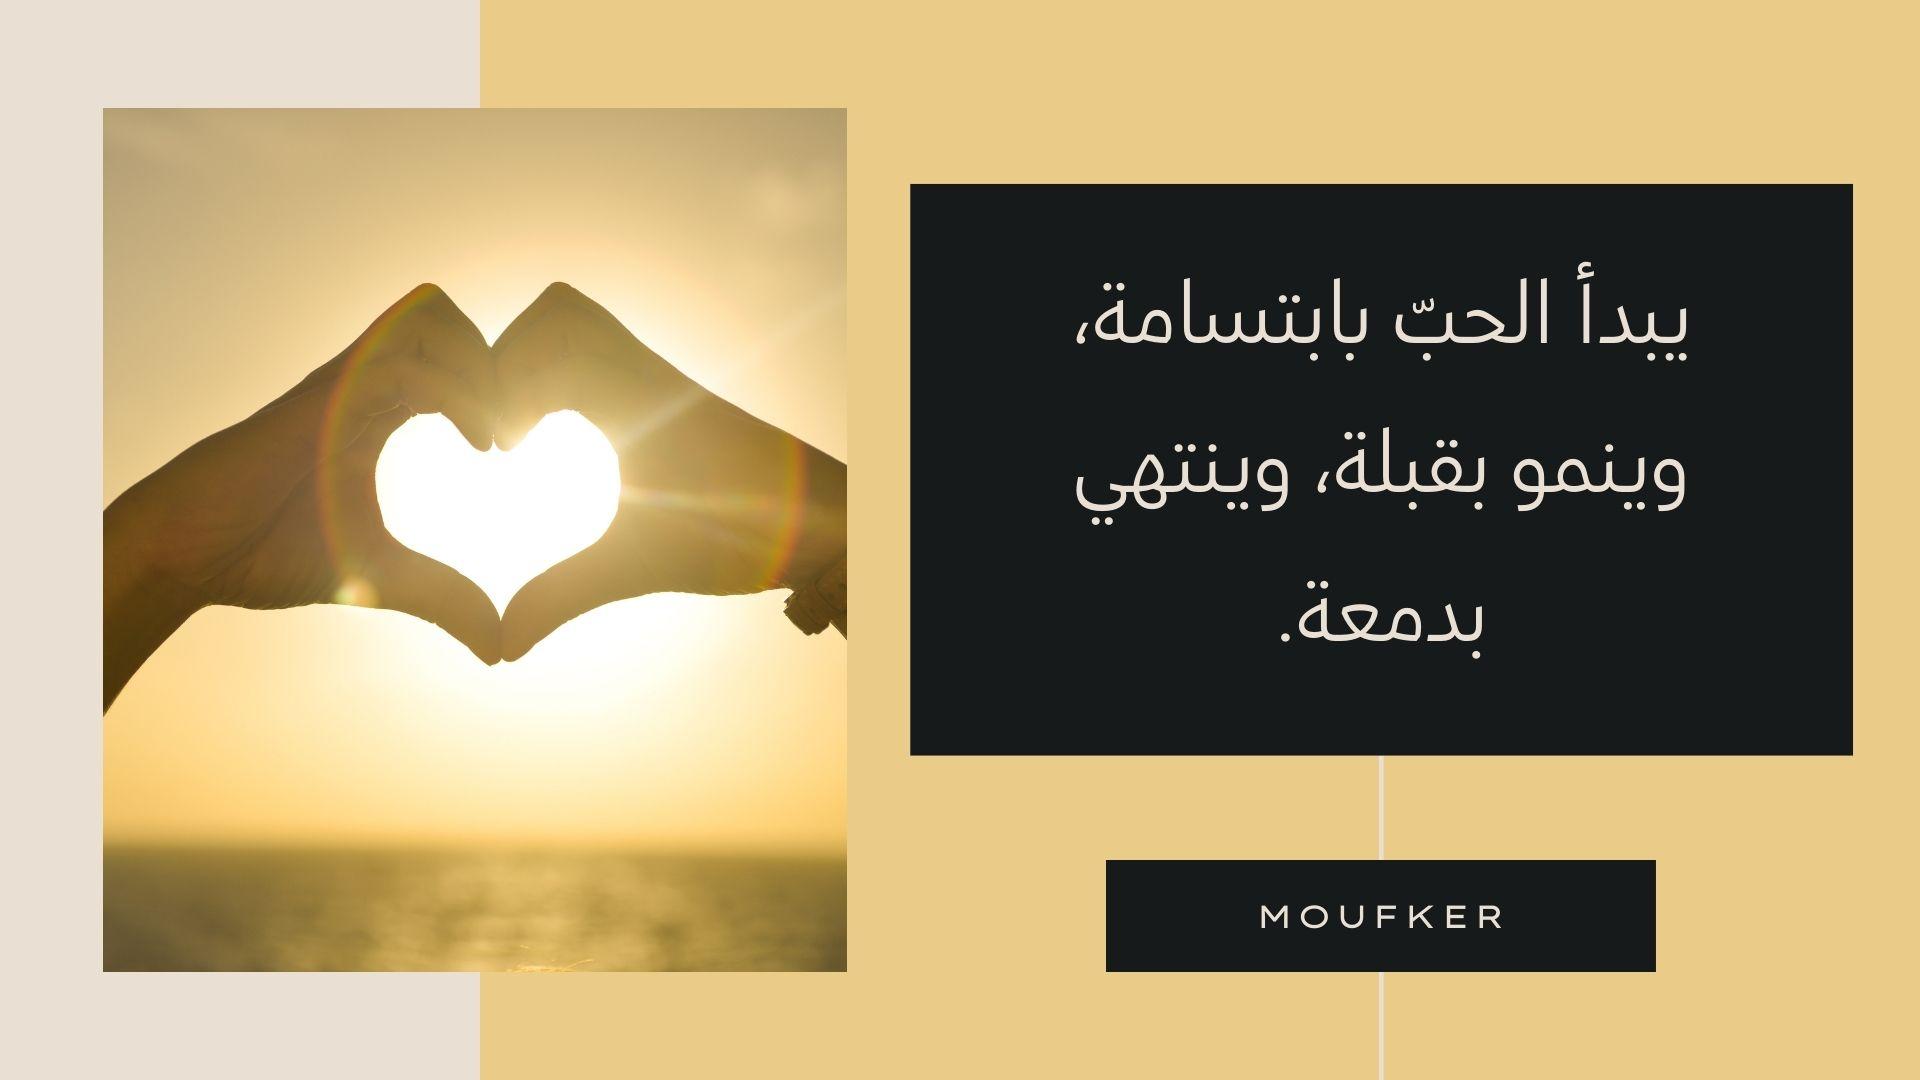 يبدأ الحبّ بابتسامة، وينمو بقبلة، وينتهي بدمعة.